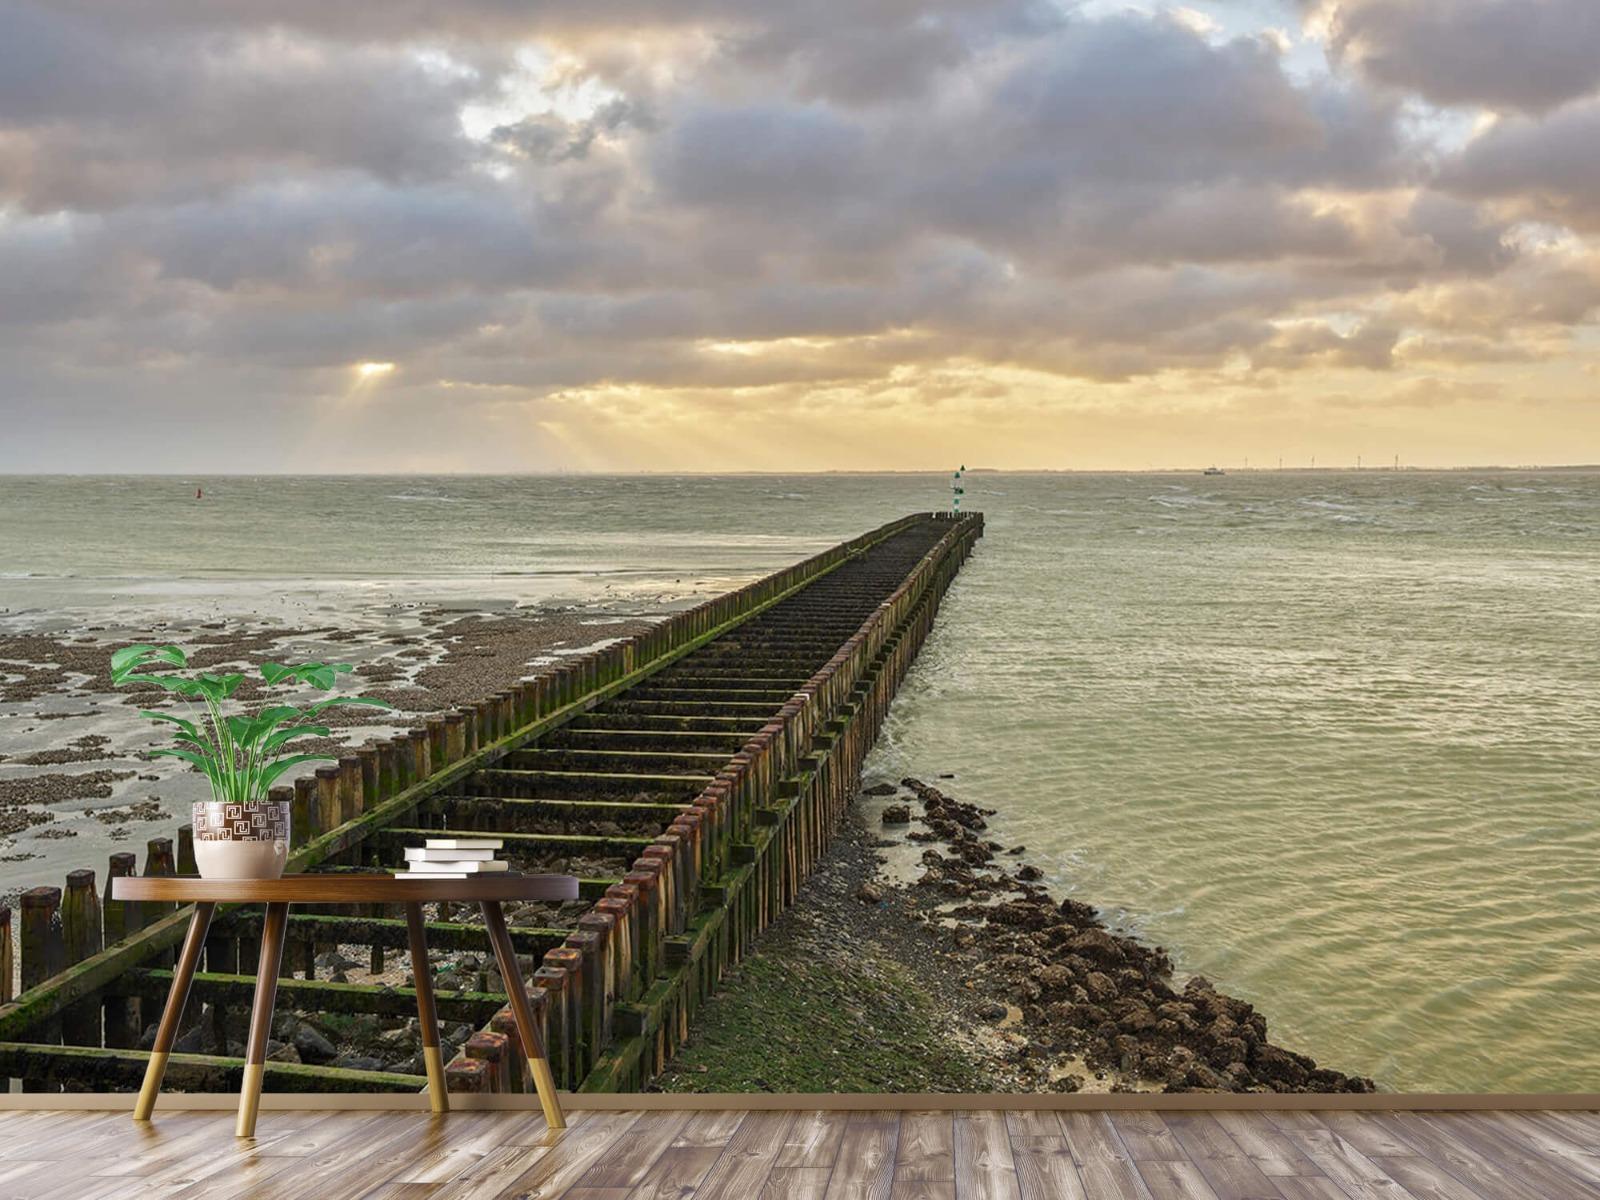 Zeeën en Oceanen - Golfbreker aan de kust - Slaapkamer 4